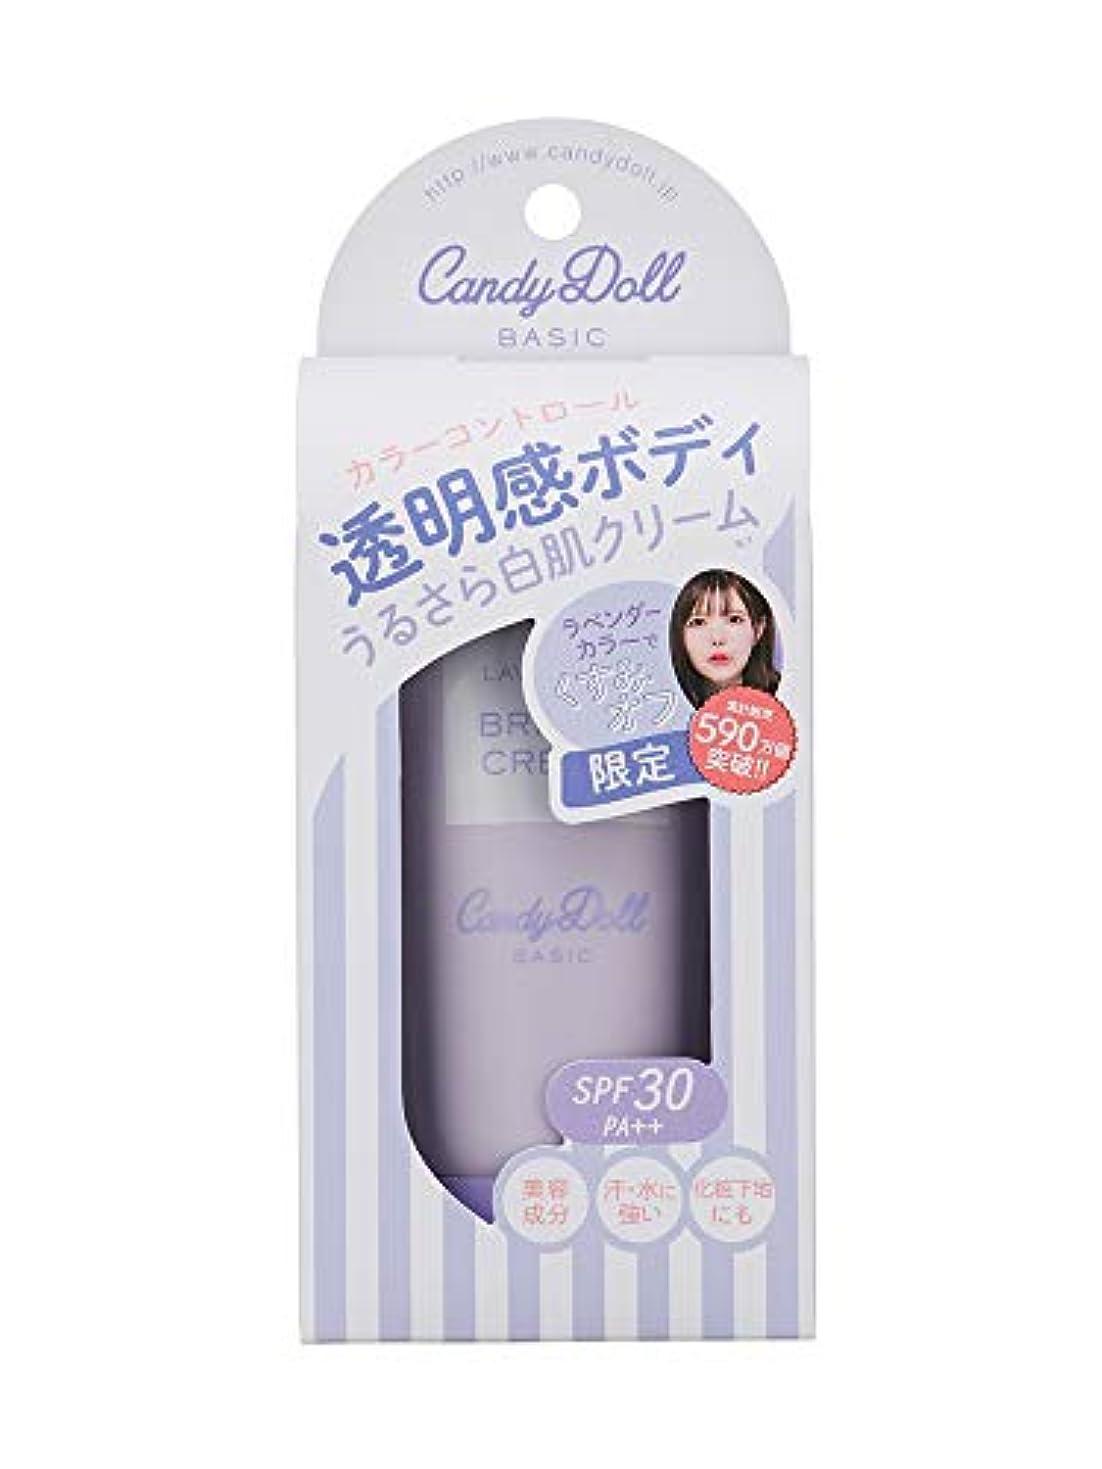 シネウィチョコレート請負業者CandyDoll ブライトピュアクリーム